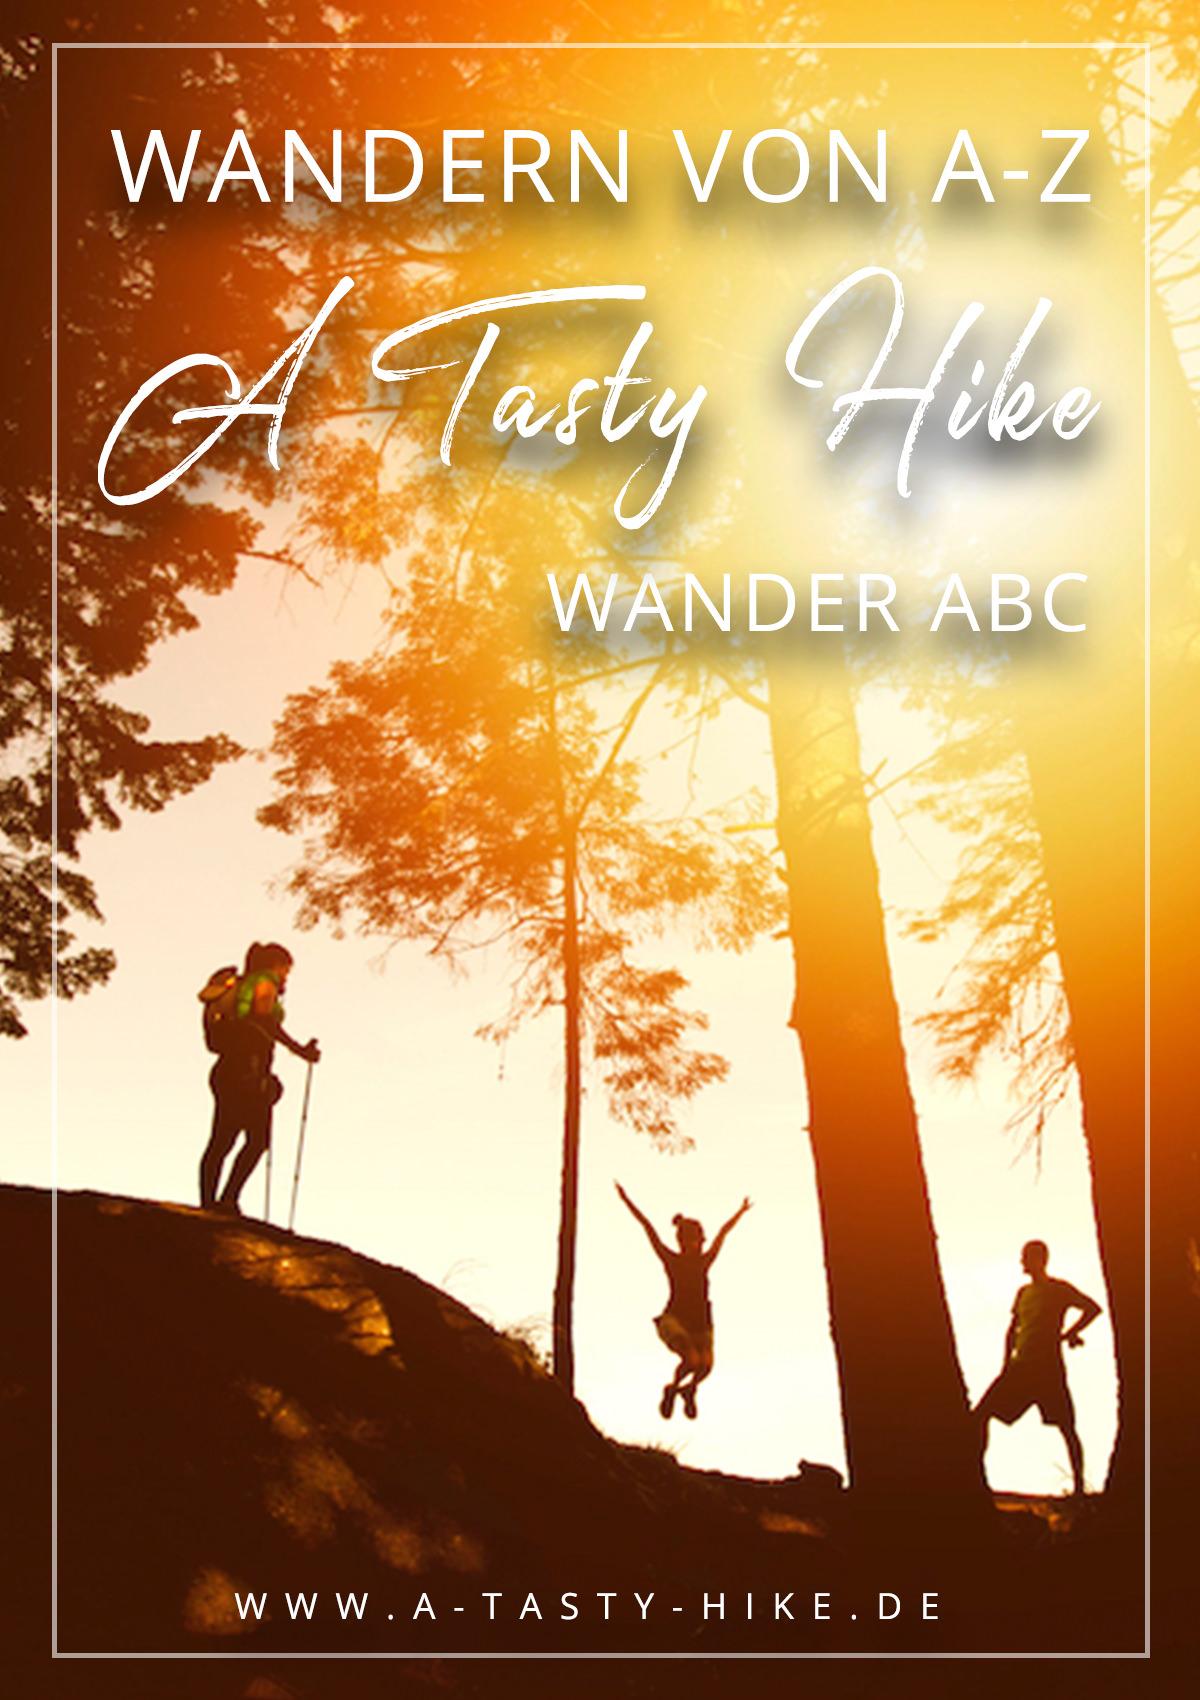 Wandern für Anfänger! Wandern von A bis Z: Alles was du über das Wandern wissen solltest, findest du jetzt in unserem A Tasty Hike Wander ABC. #Wandern